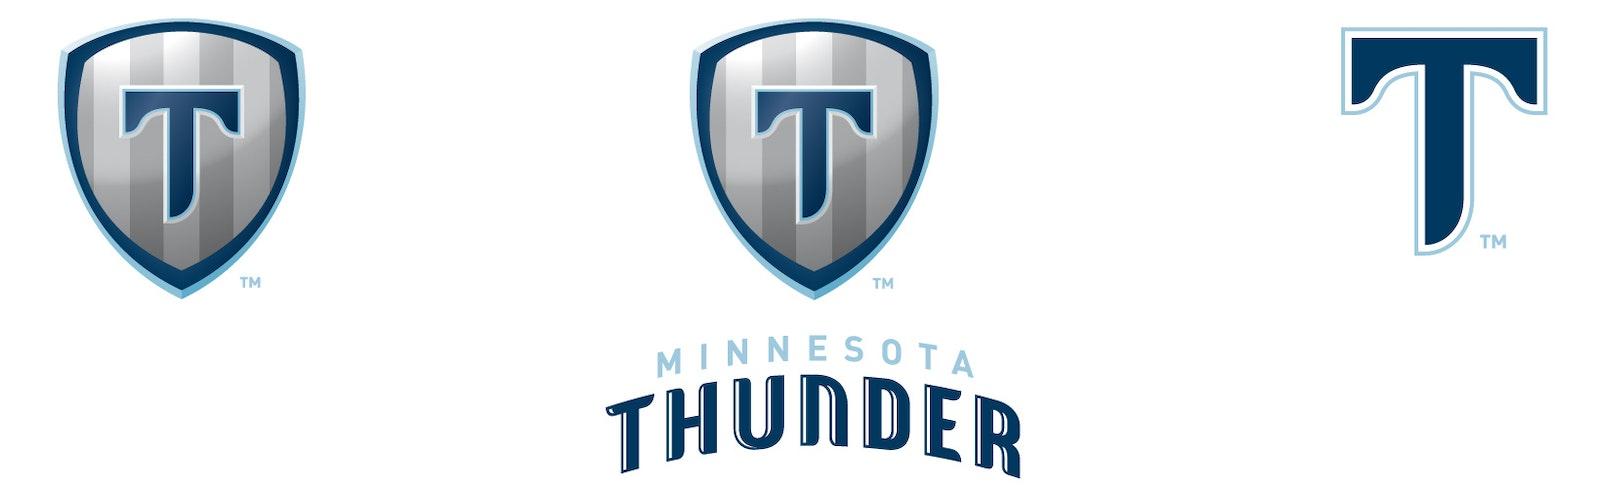 Thunder logo three